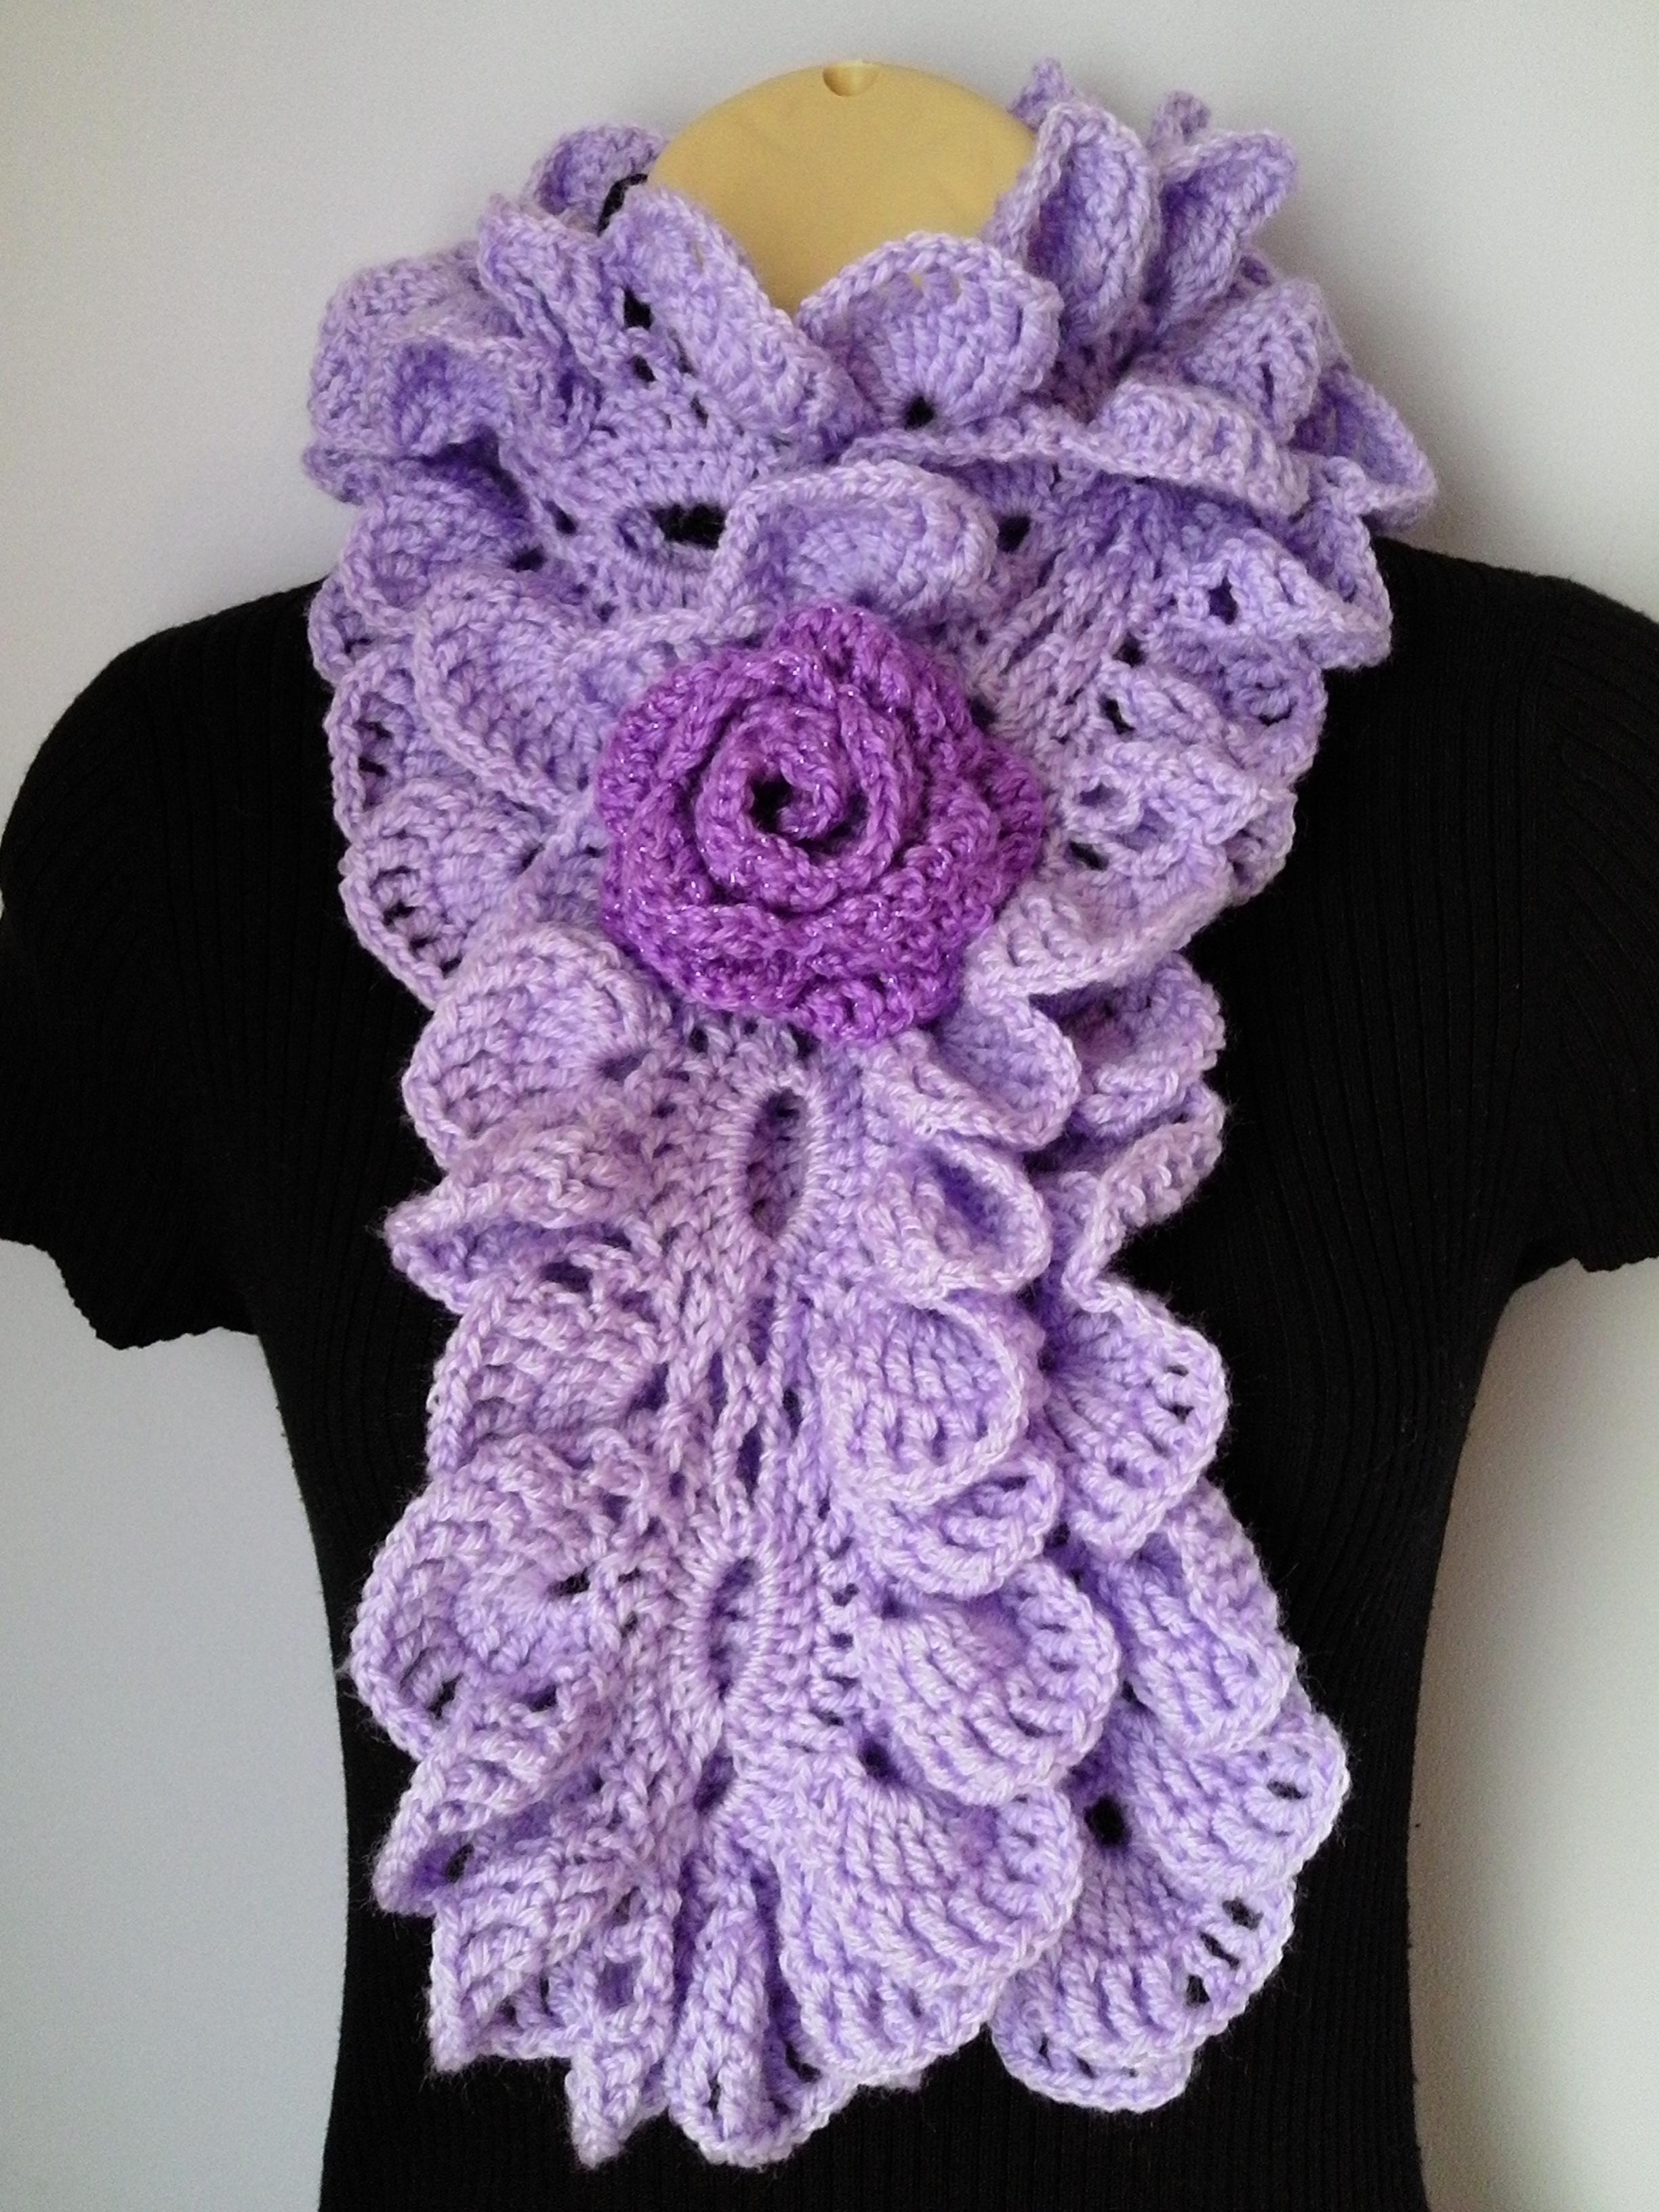 Crochet Ruffle Flower Pattern : Crochet Scarf with Flower Brooch / Neckwarmer / Ruffle ...